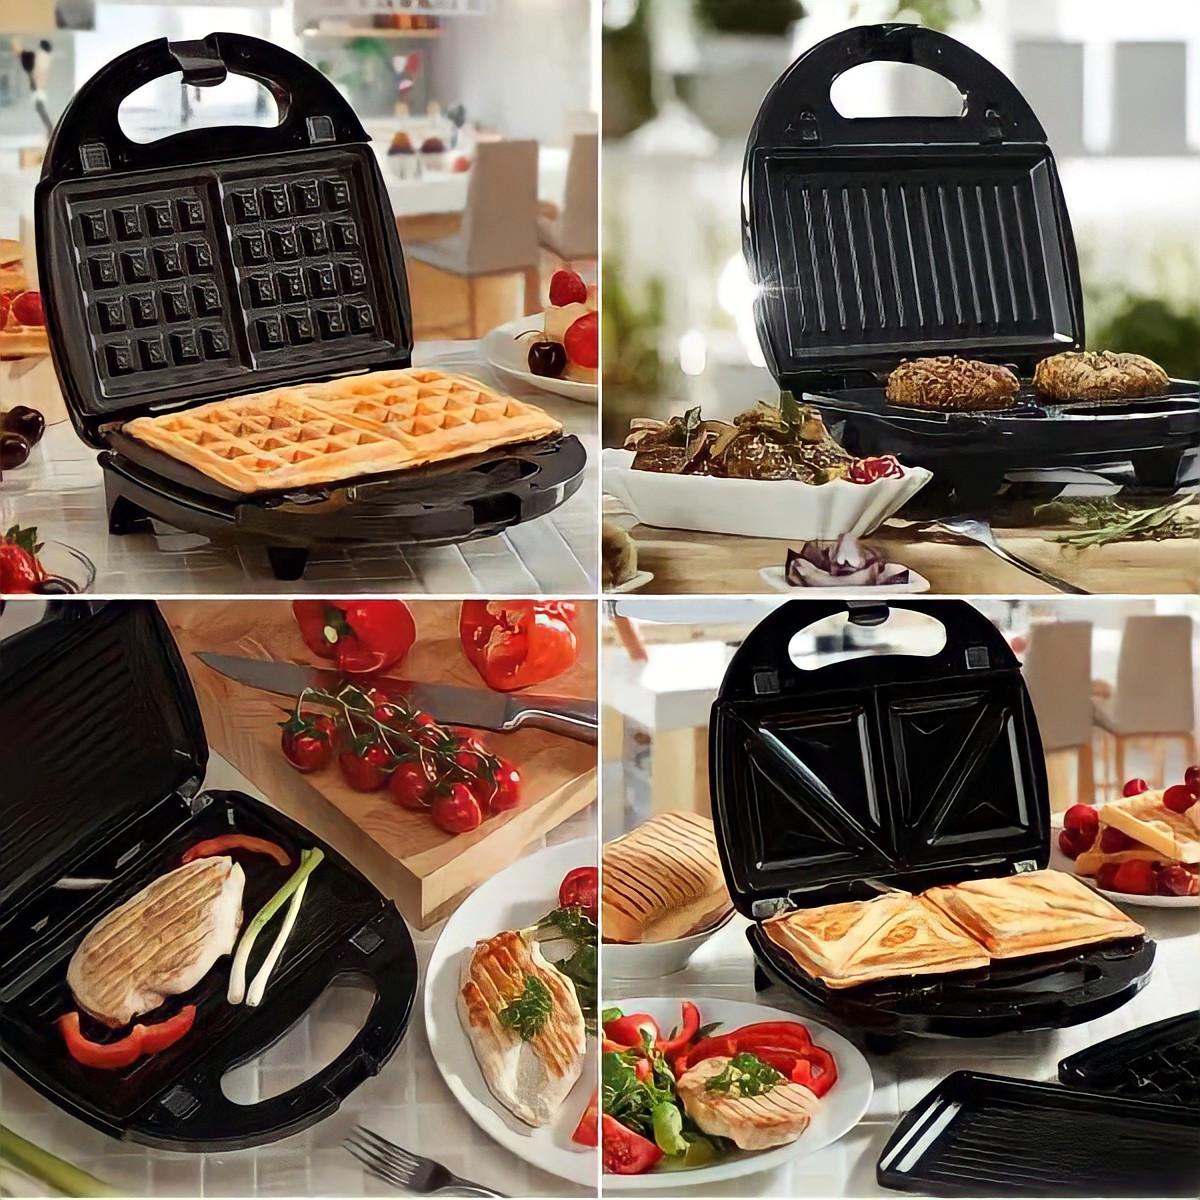 Сендвичница мультипекарь 4 в1 Grant Hoff GT-779 1200W | Сендвичница-гриль, бутербродниця, вафельниця, горішниця